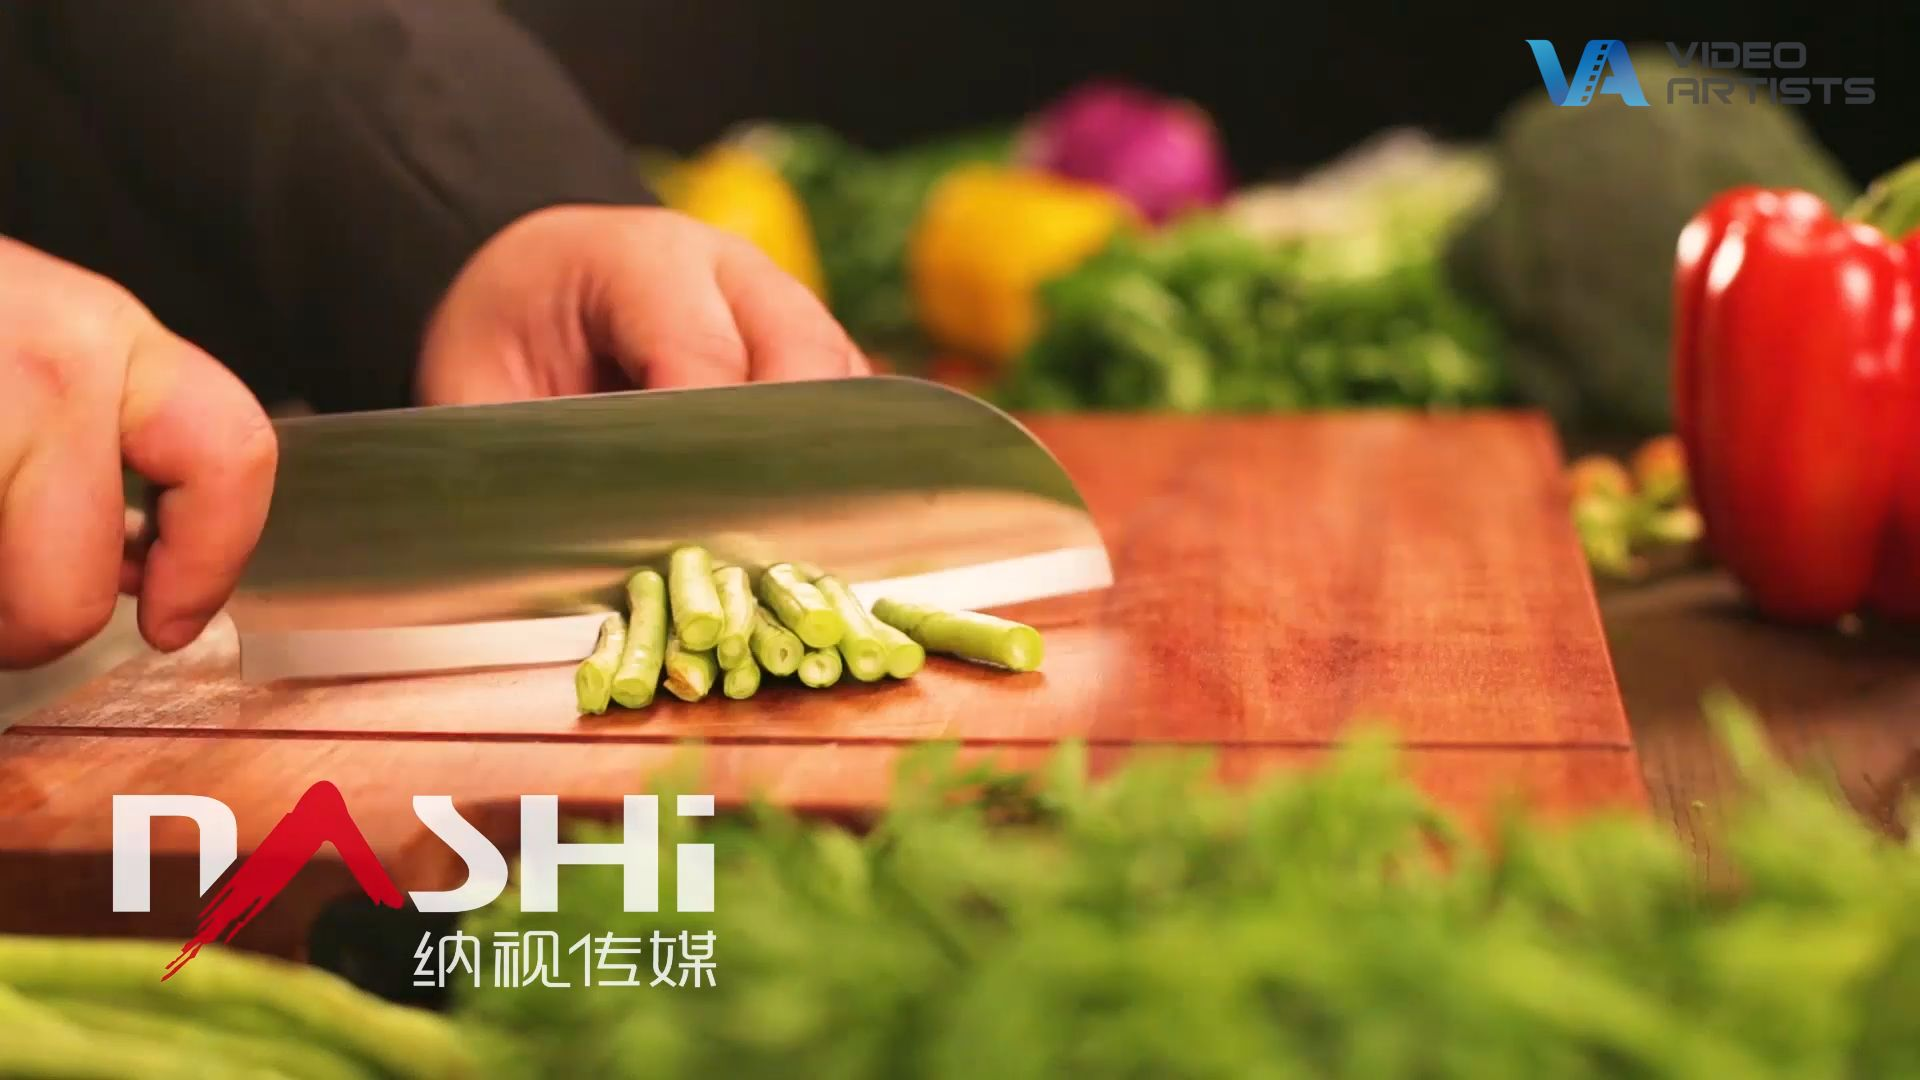 苏泊尔刀具-产品宣传片